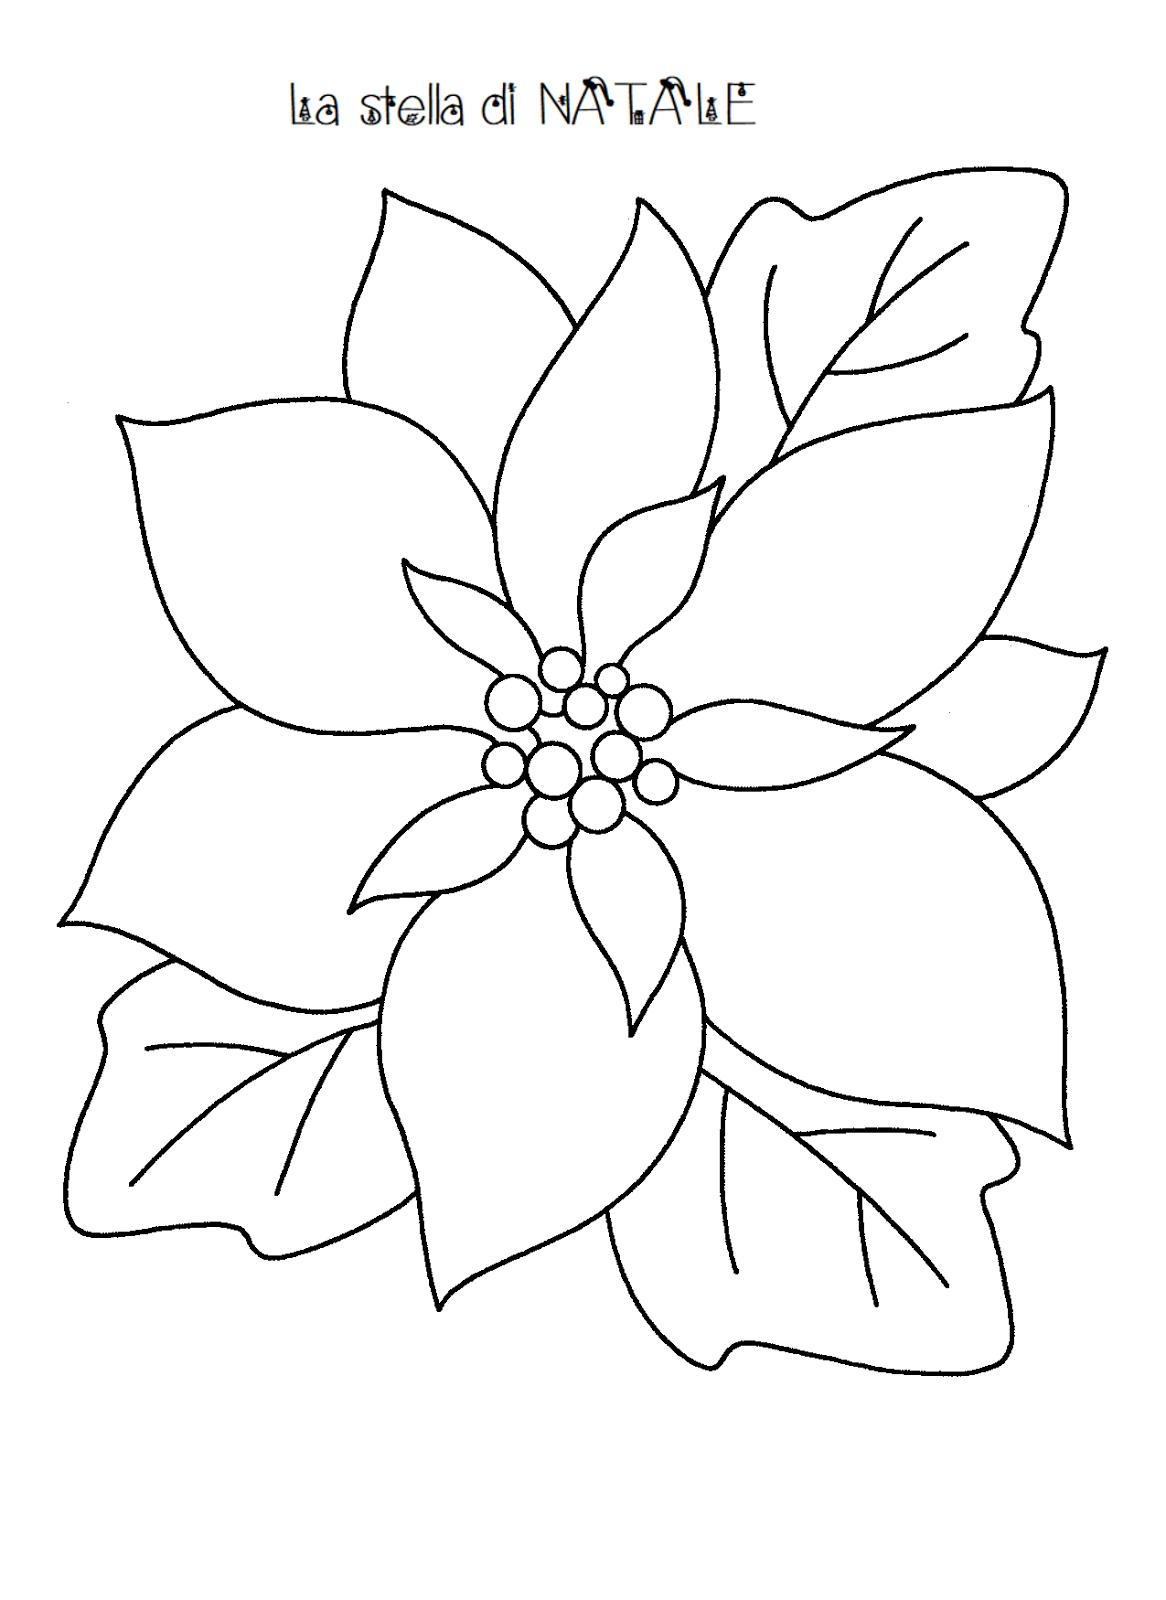 Disegni Stelle Di Natale Da Colorare.Stella Da Colorare Di Natale Sagome Stella Di Natale